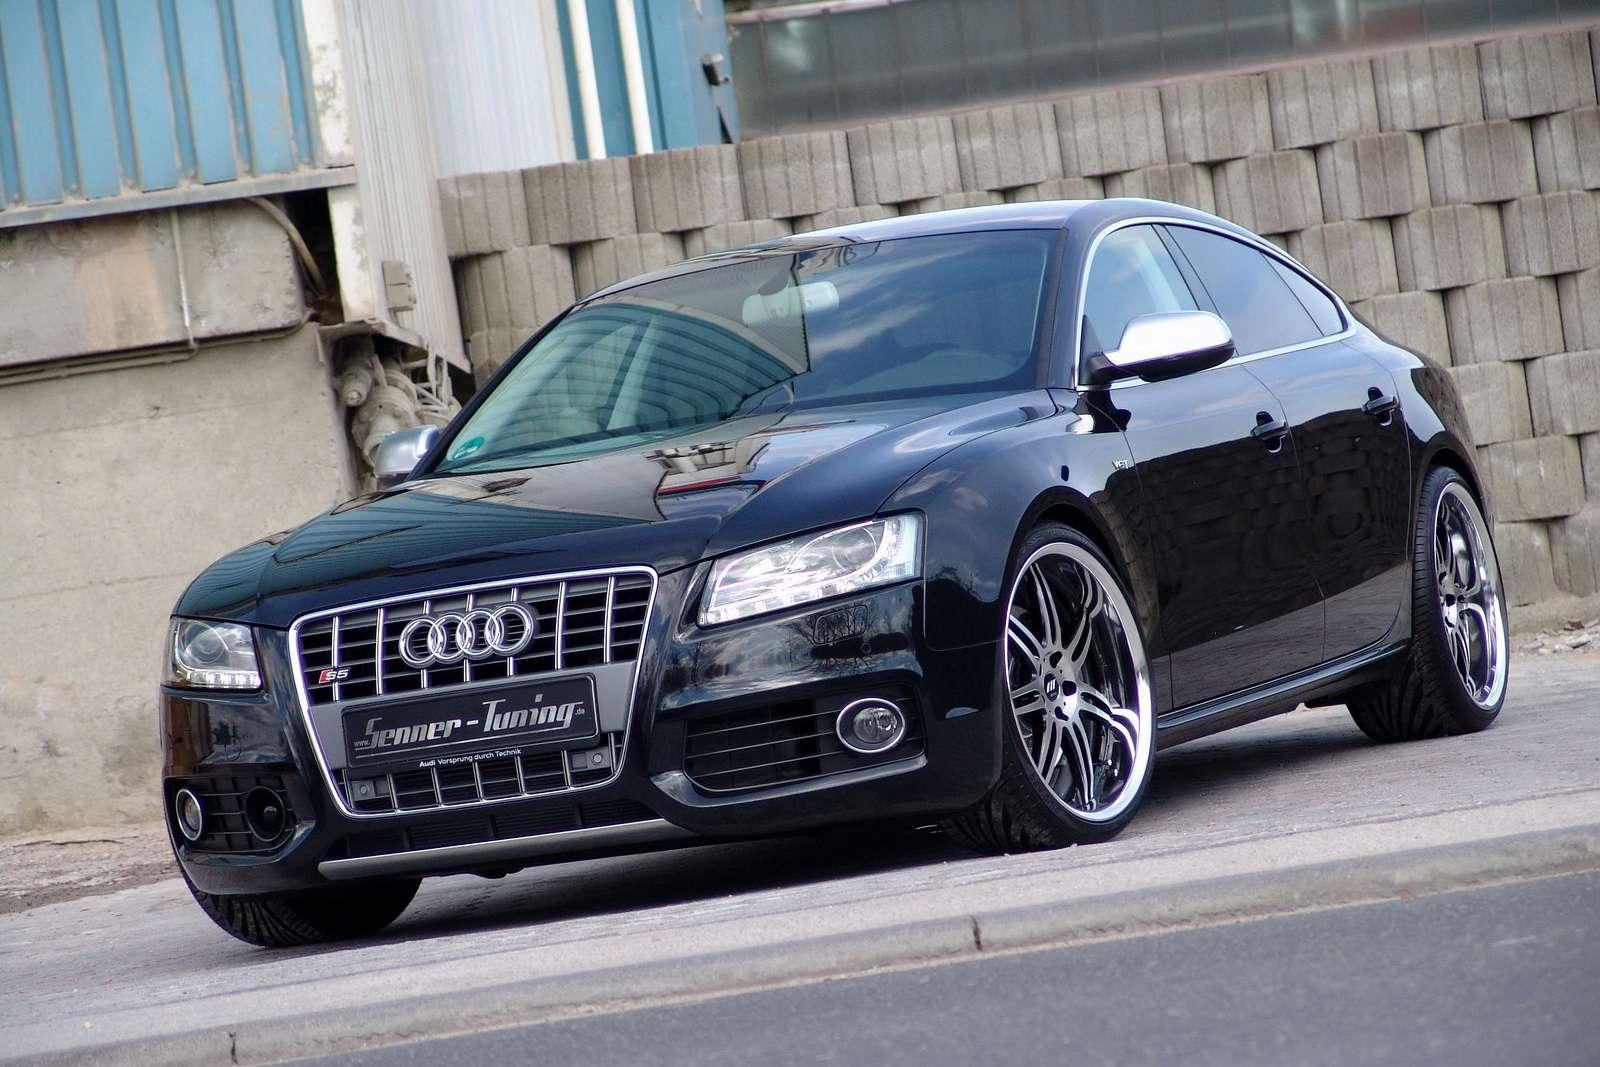 Dyskretny tuning Audi S5 Sportback czerwiec 2010